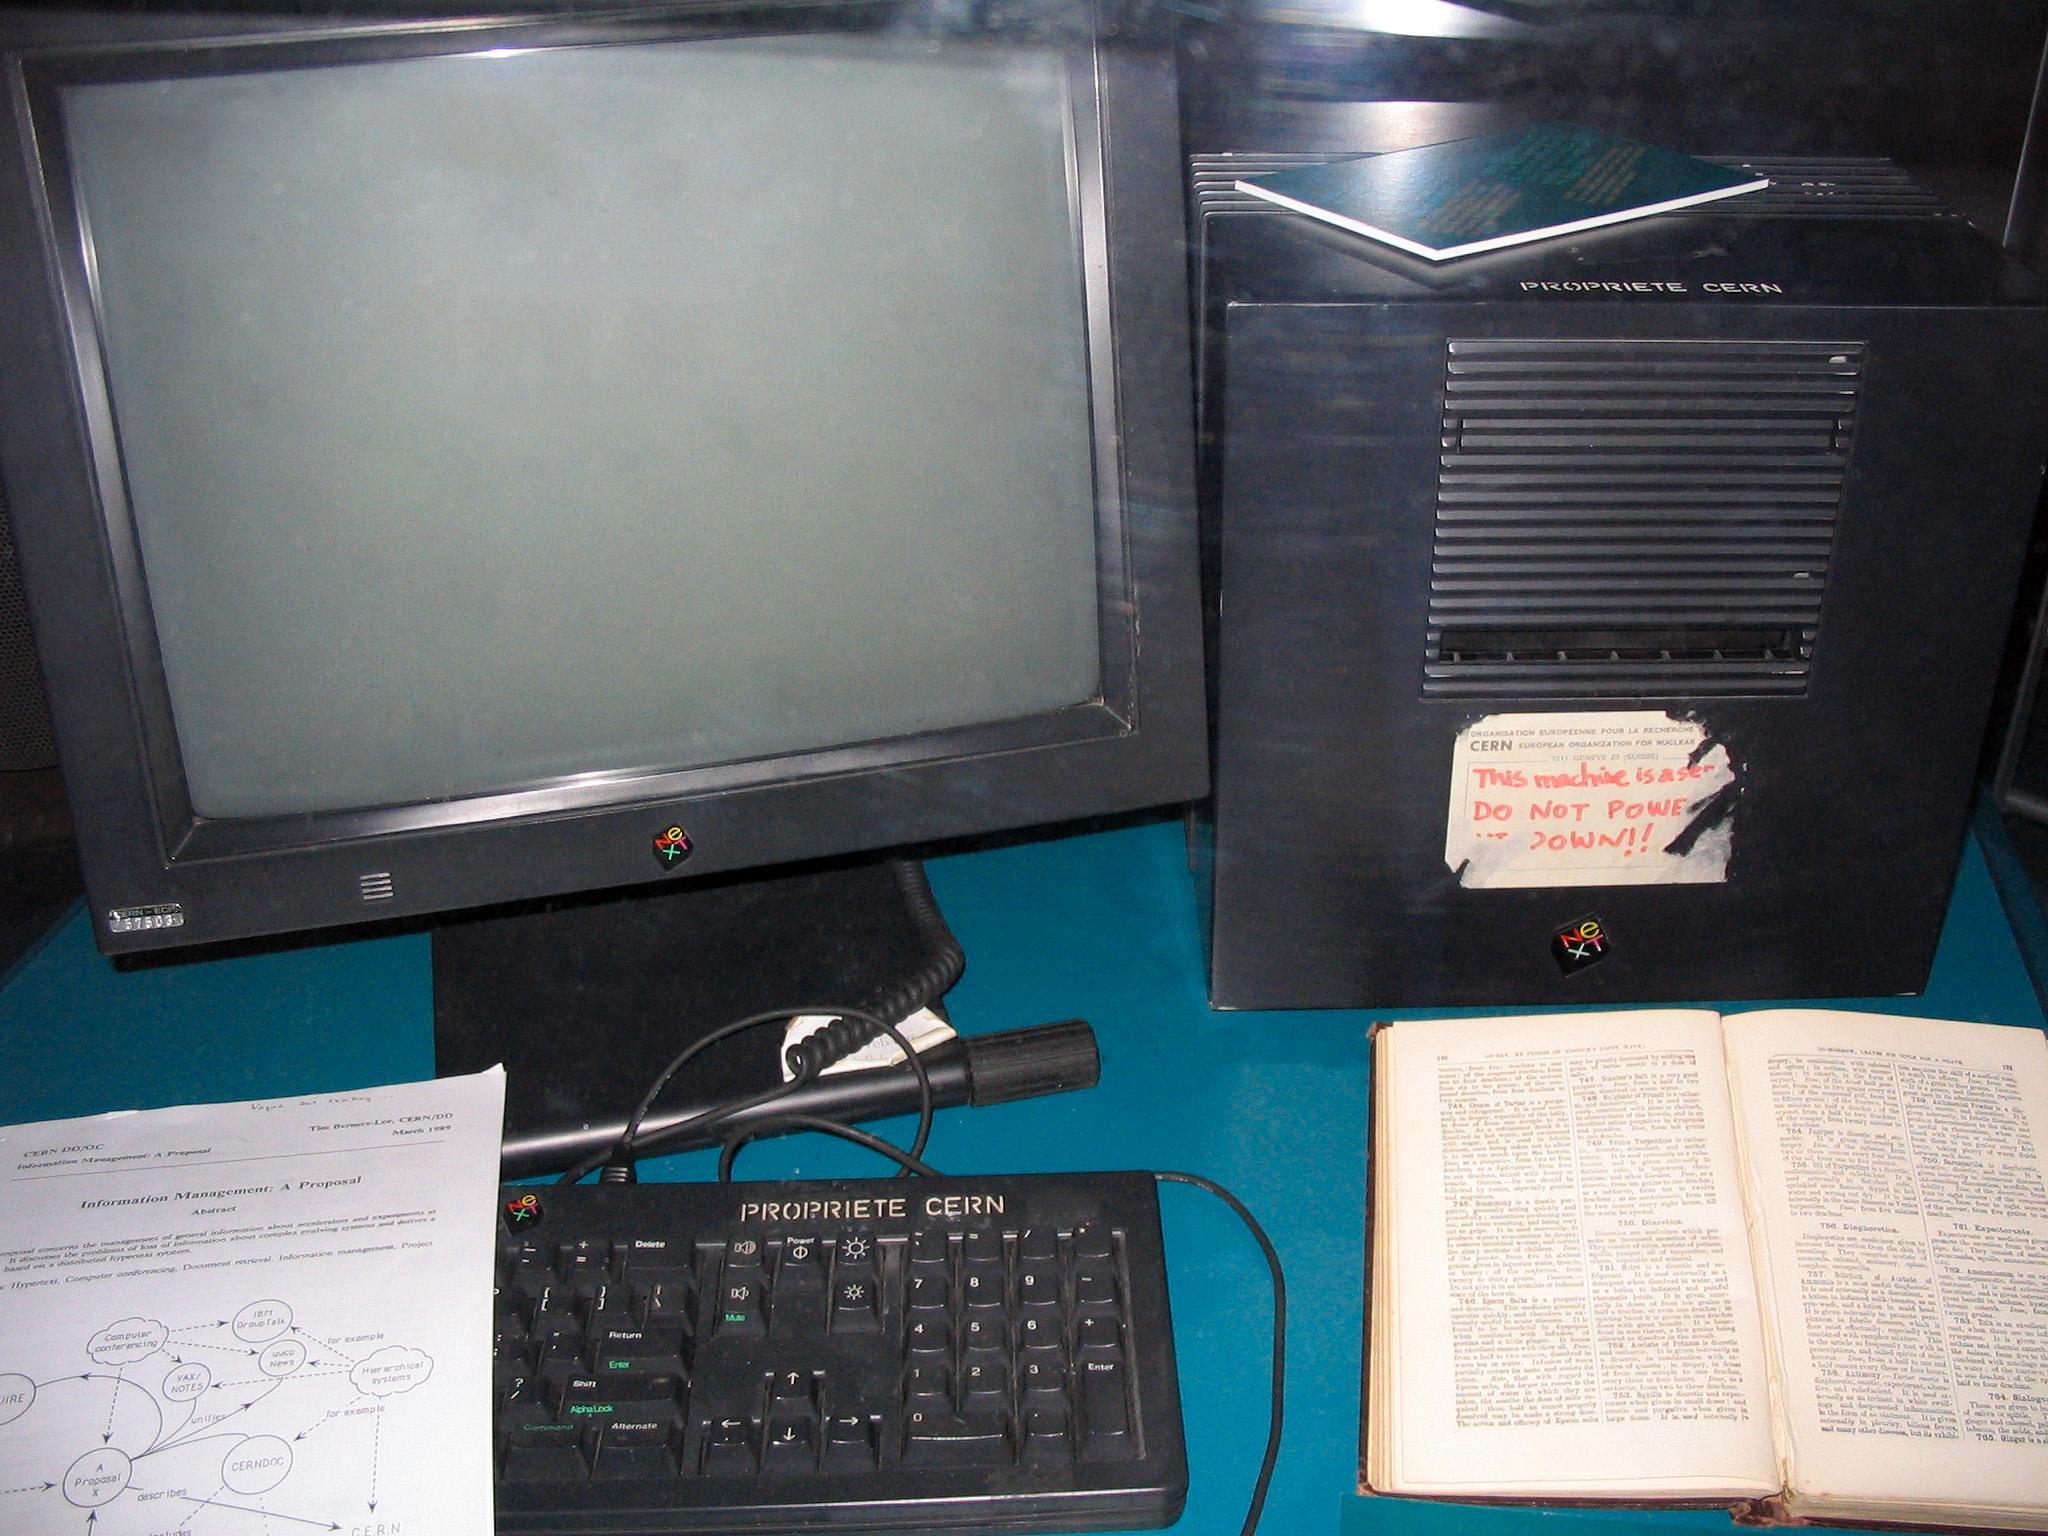 På denne maskinen, som ble verdens første webtjener, lå Berners-Lees første webside.